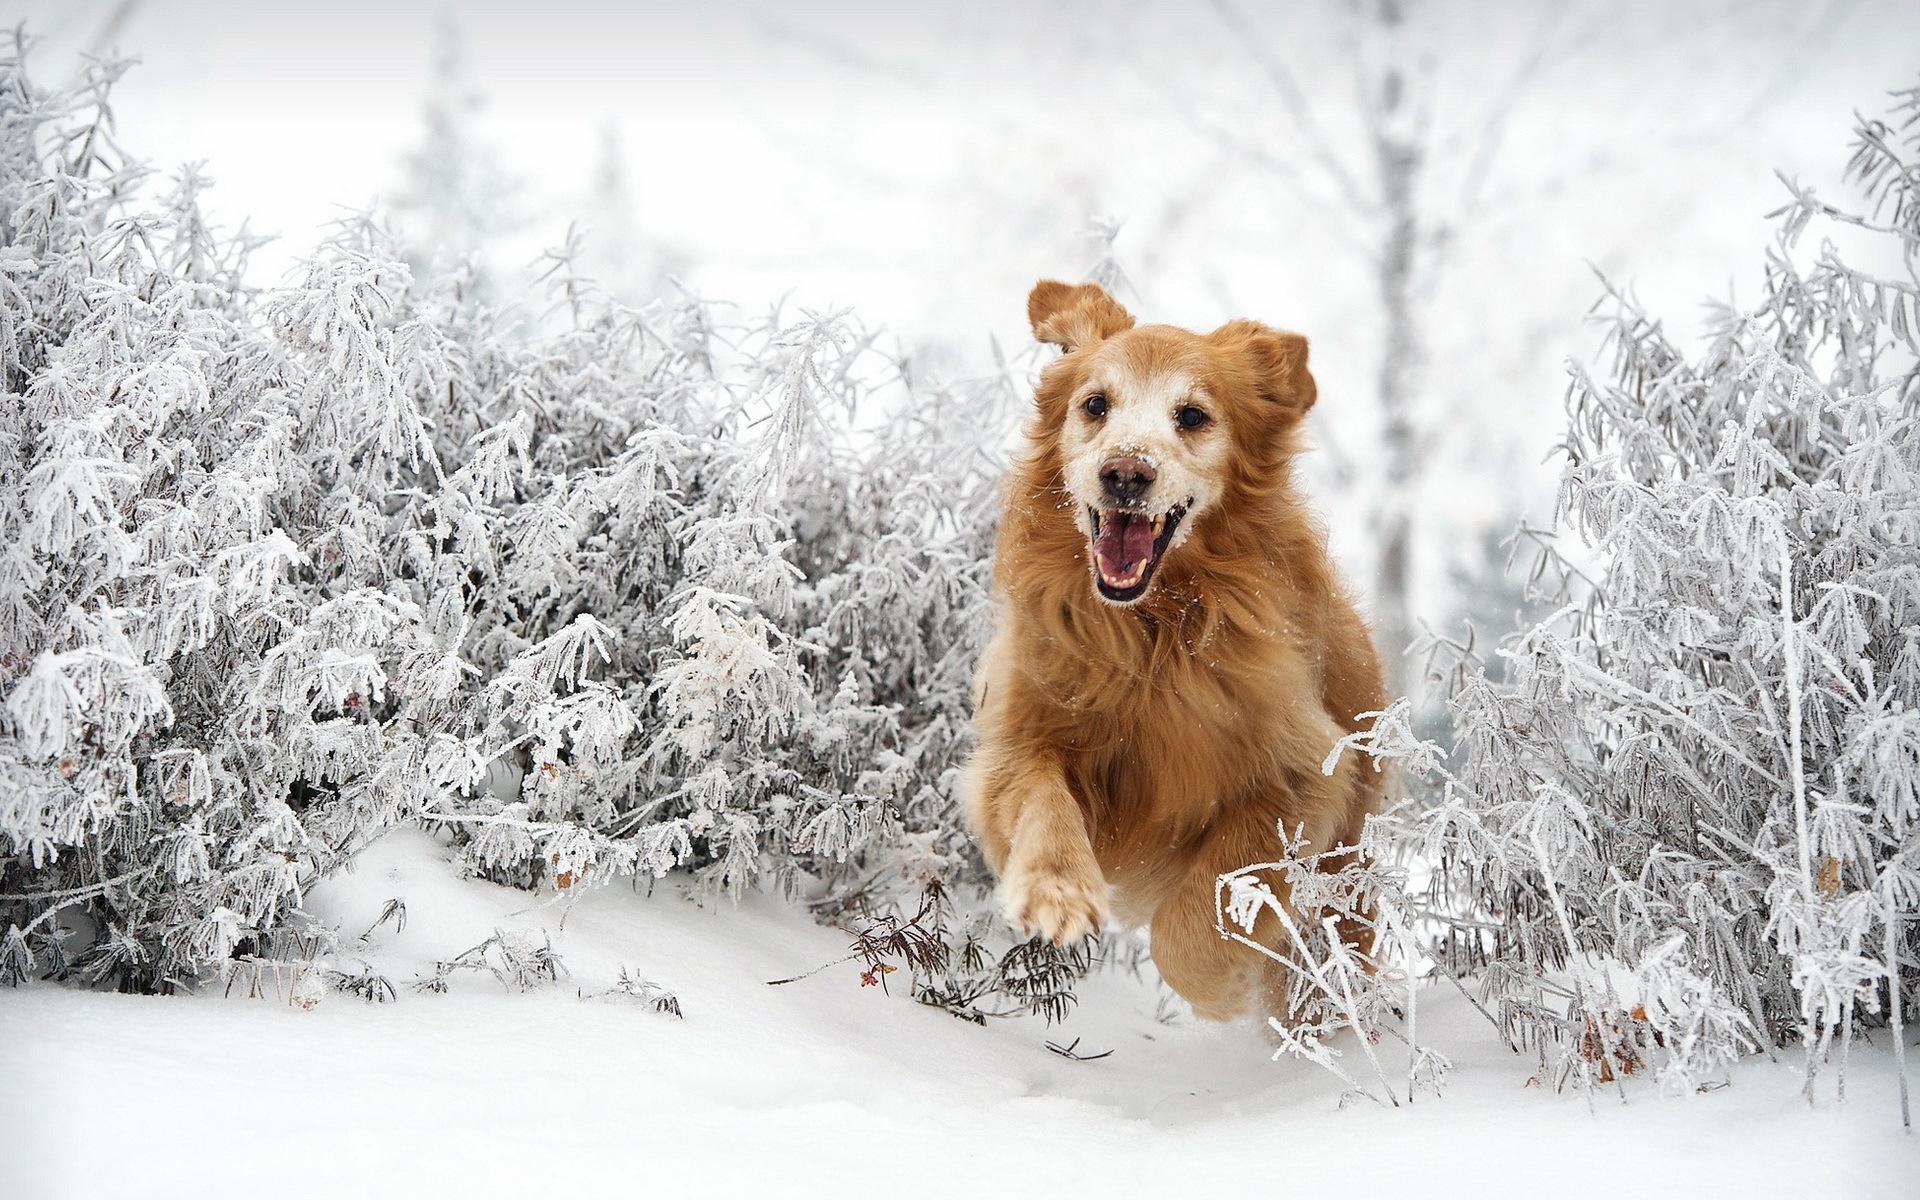 Perro saltando en la nieve - 1920x1200